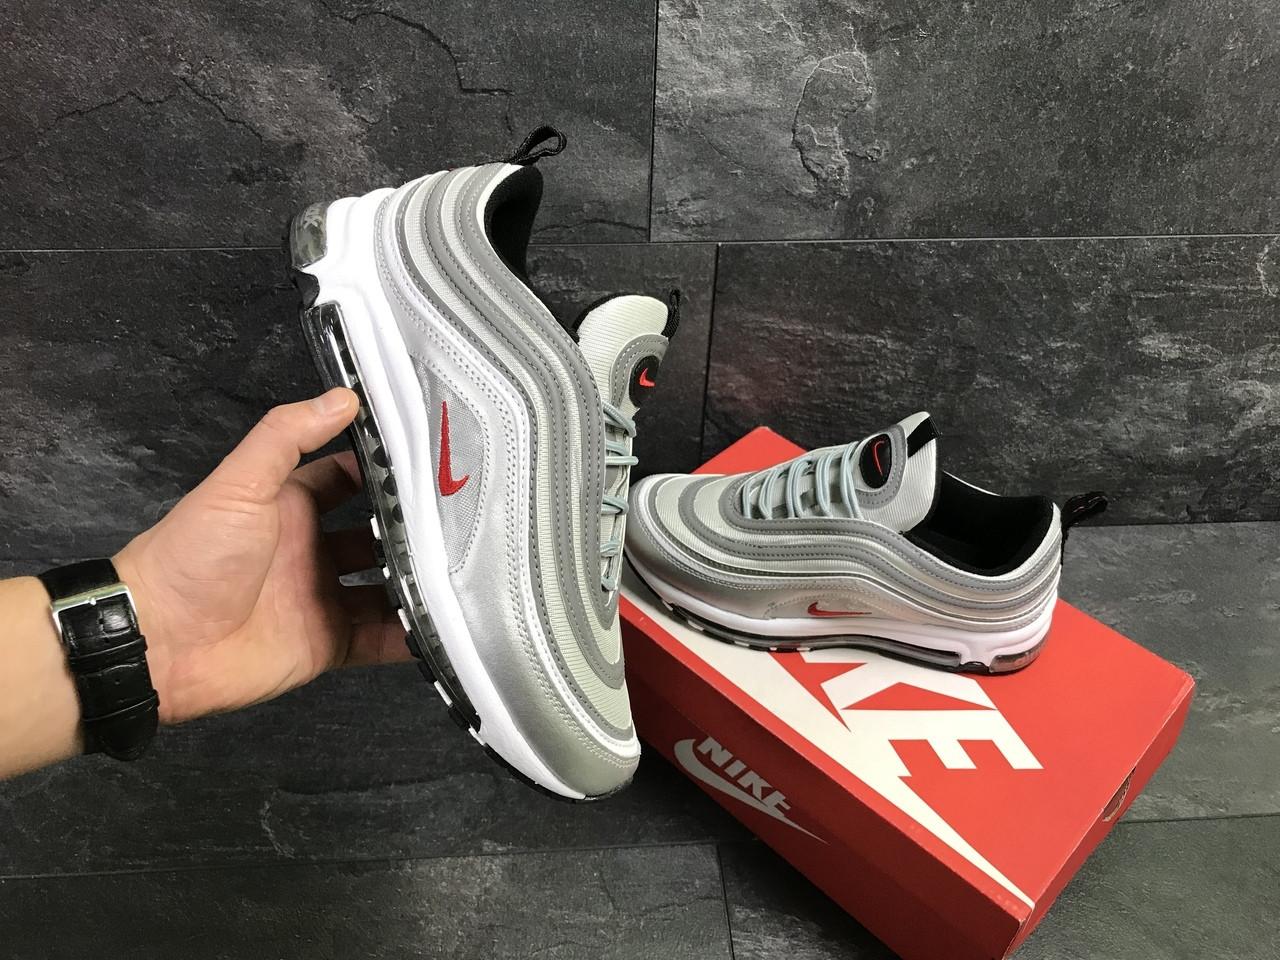 6210e3f2 Мужские кроссовки Nike Air Max 97 Silver (reflective) - Обувь и одежда с  доставкой